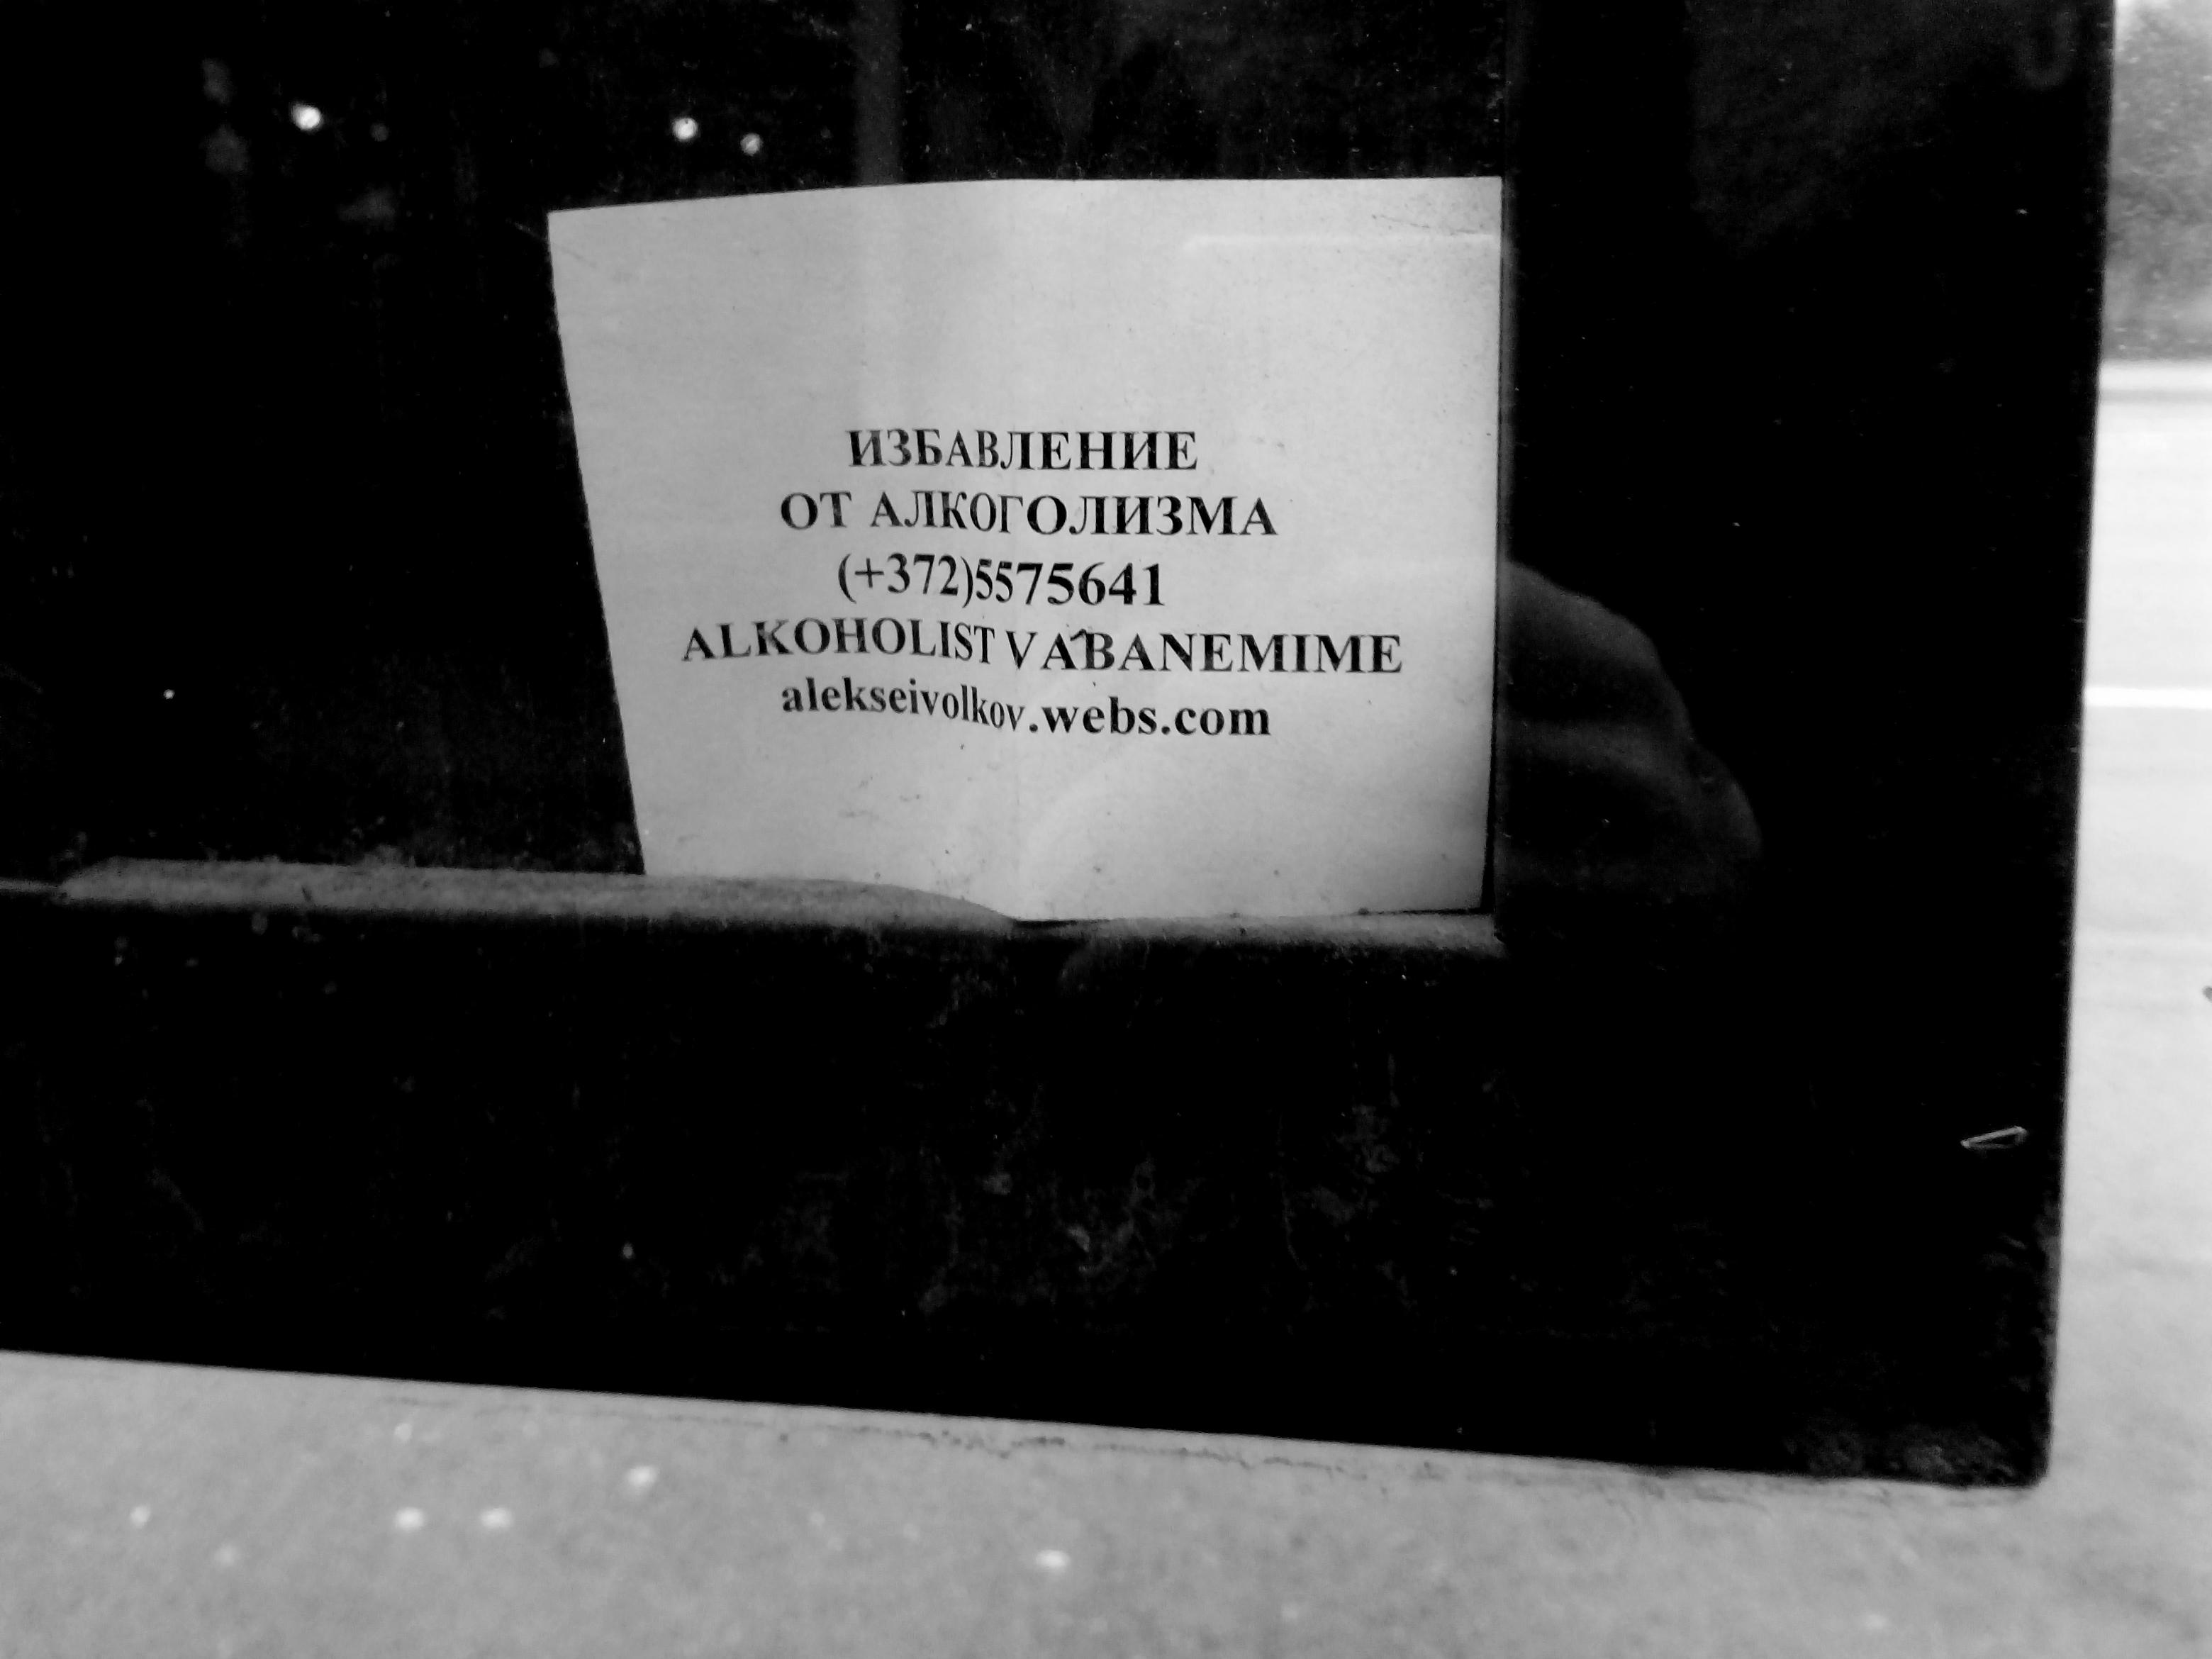 Üks paljudest kuulutustest Tallinna bussipeatustes, mis lubab alkoholist vabanemist. Foto: Aleksander Tsapov